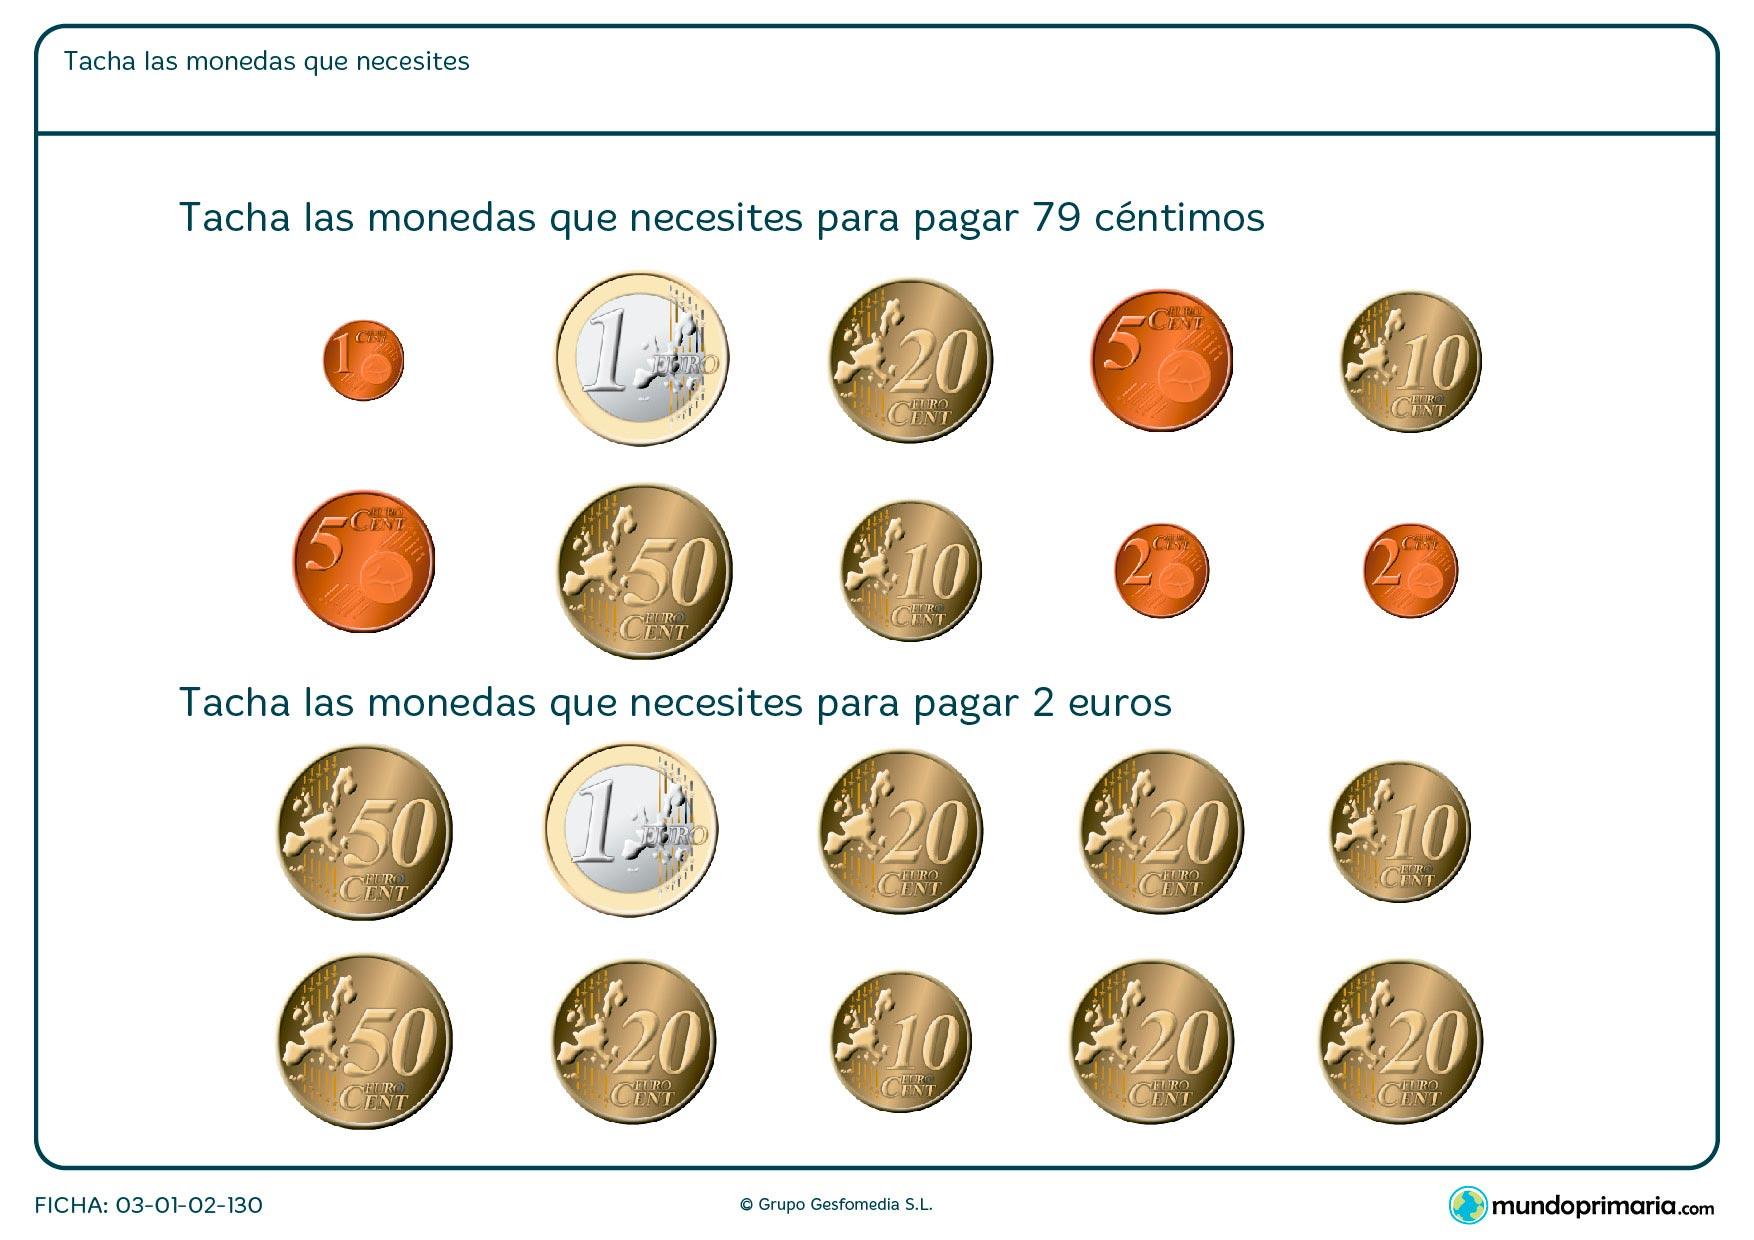 Ficha de elegir dinero necesario en la que hay que tachar las monedas que sumen la cantidad que te pidan.